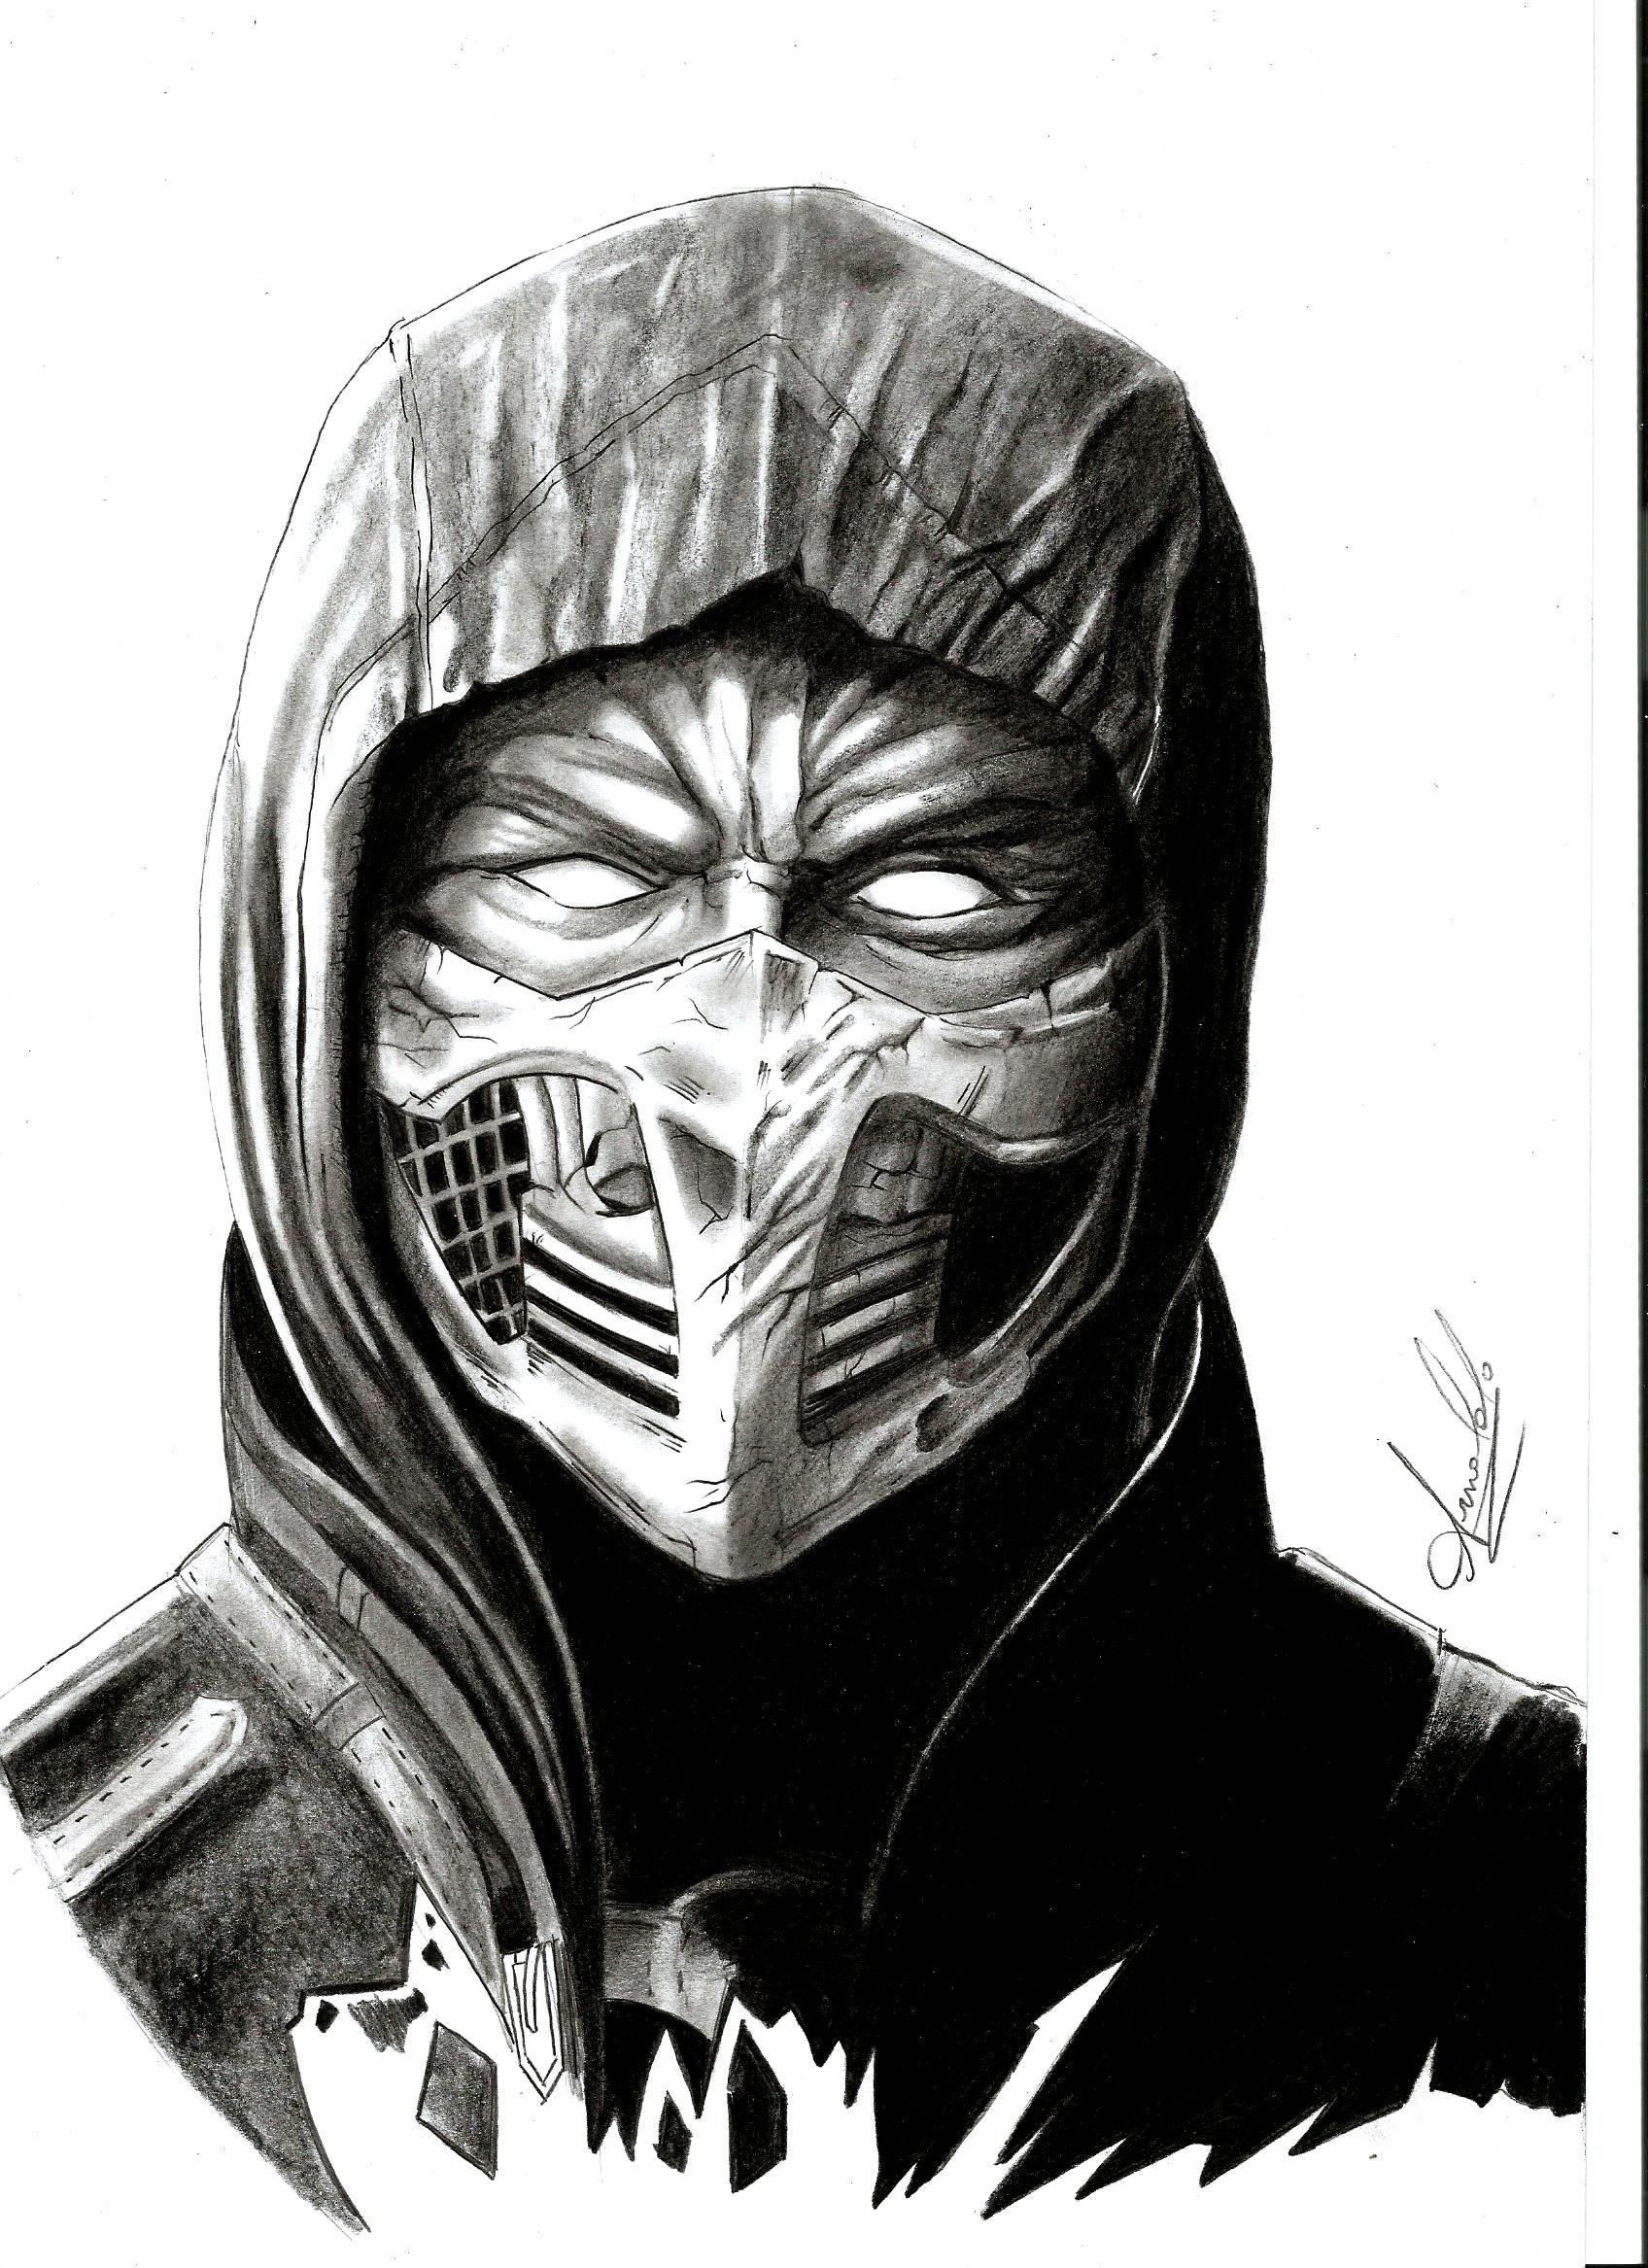 Scorpion Mortal Kombat Desenhos Realistas Desenhos Mortal